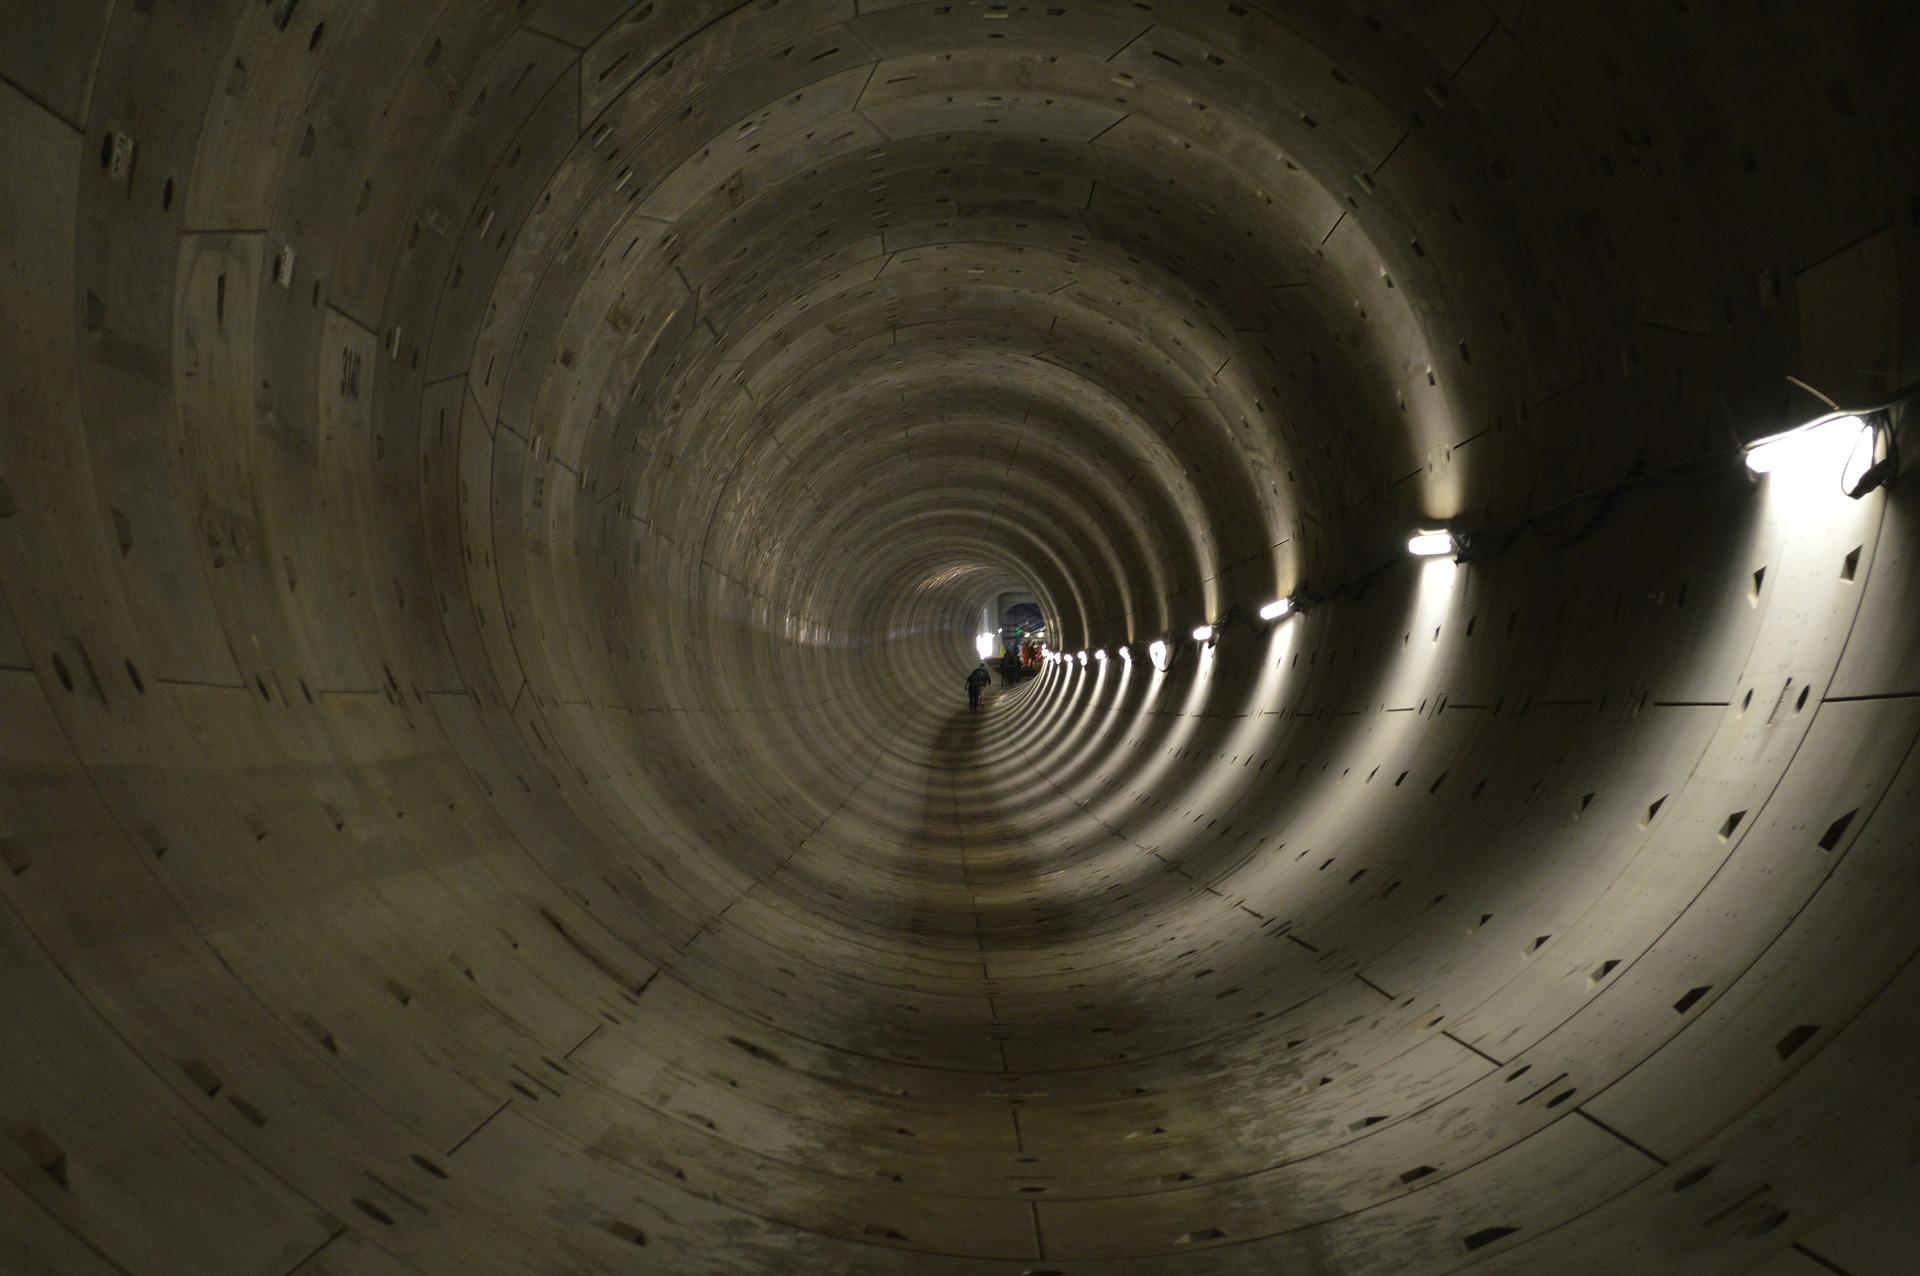 Y a t'il une lumière au bout du tunnel ?